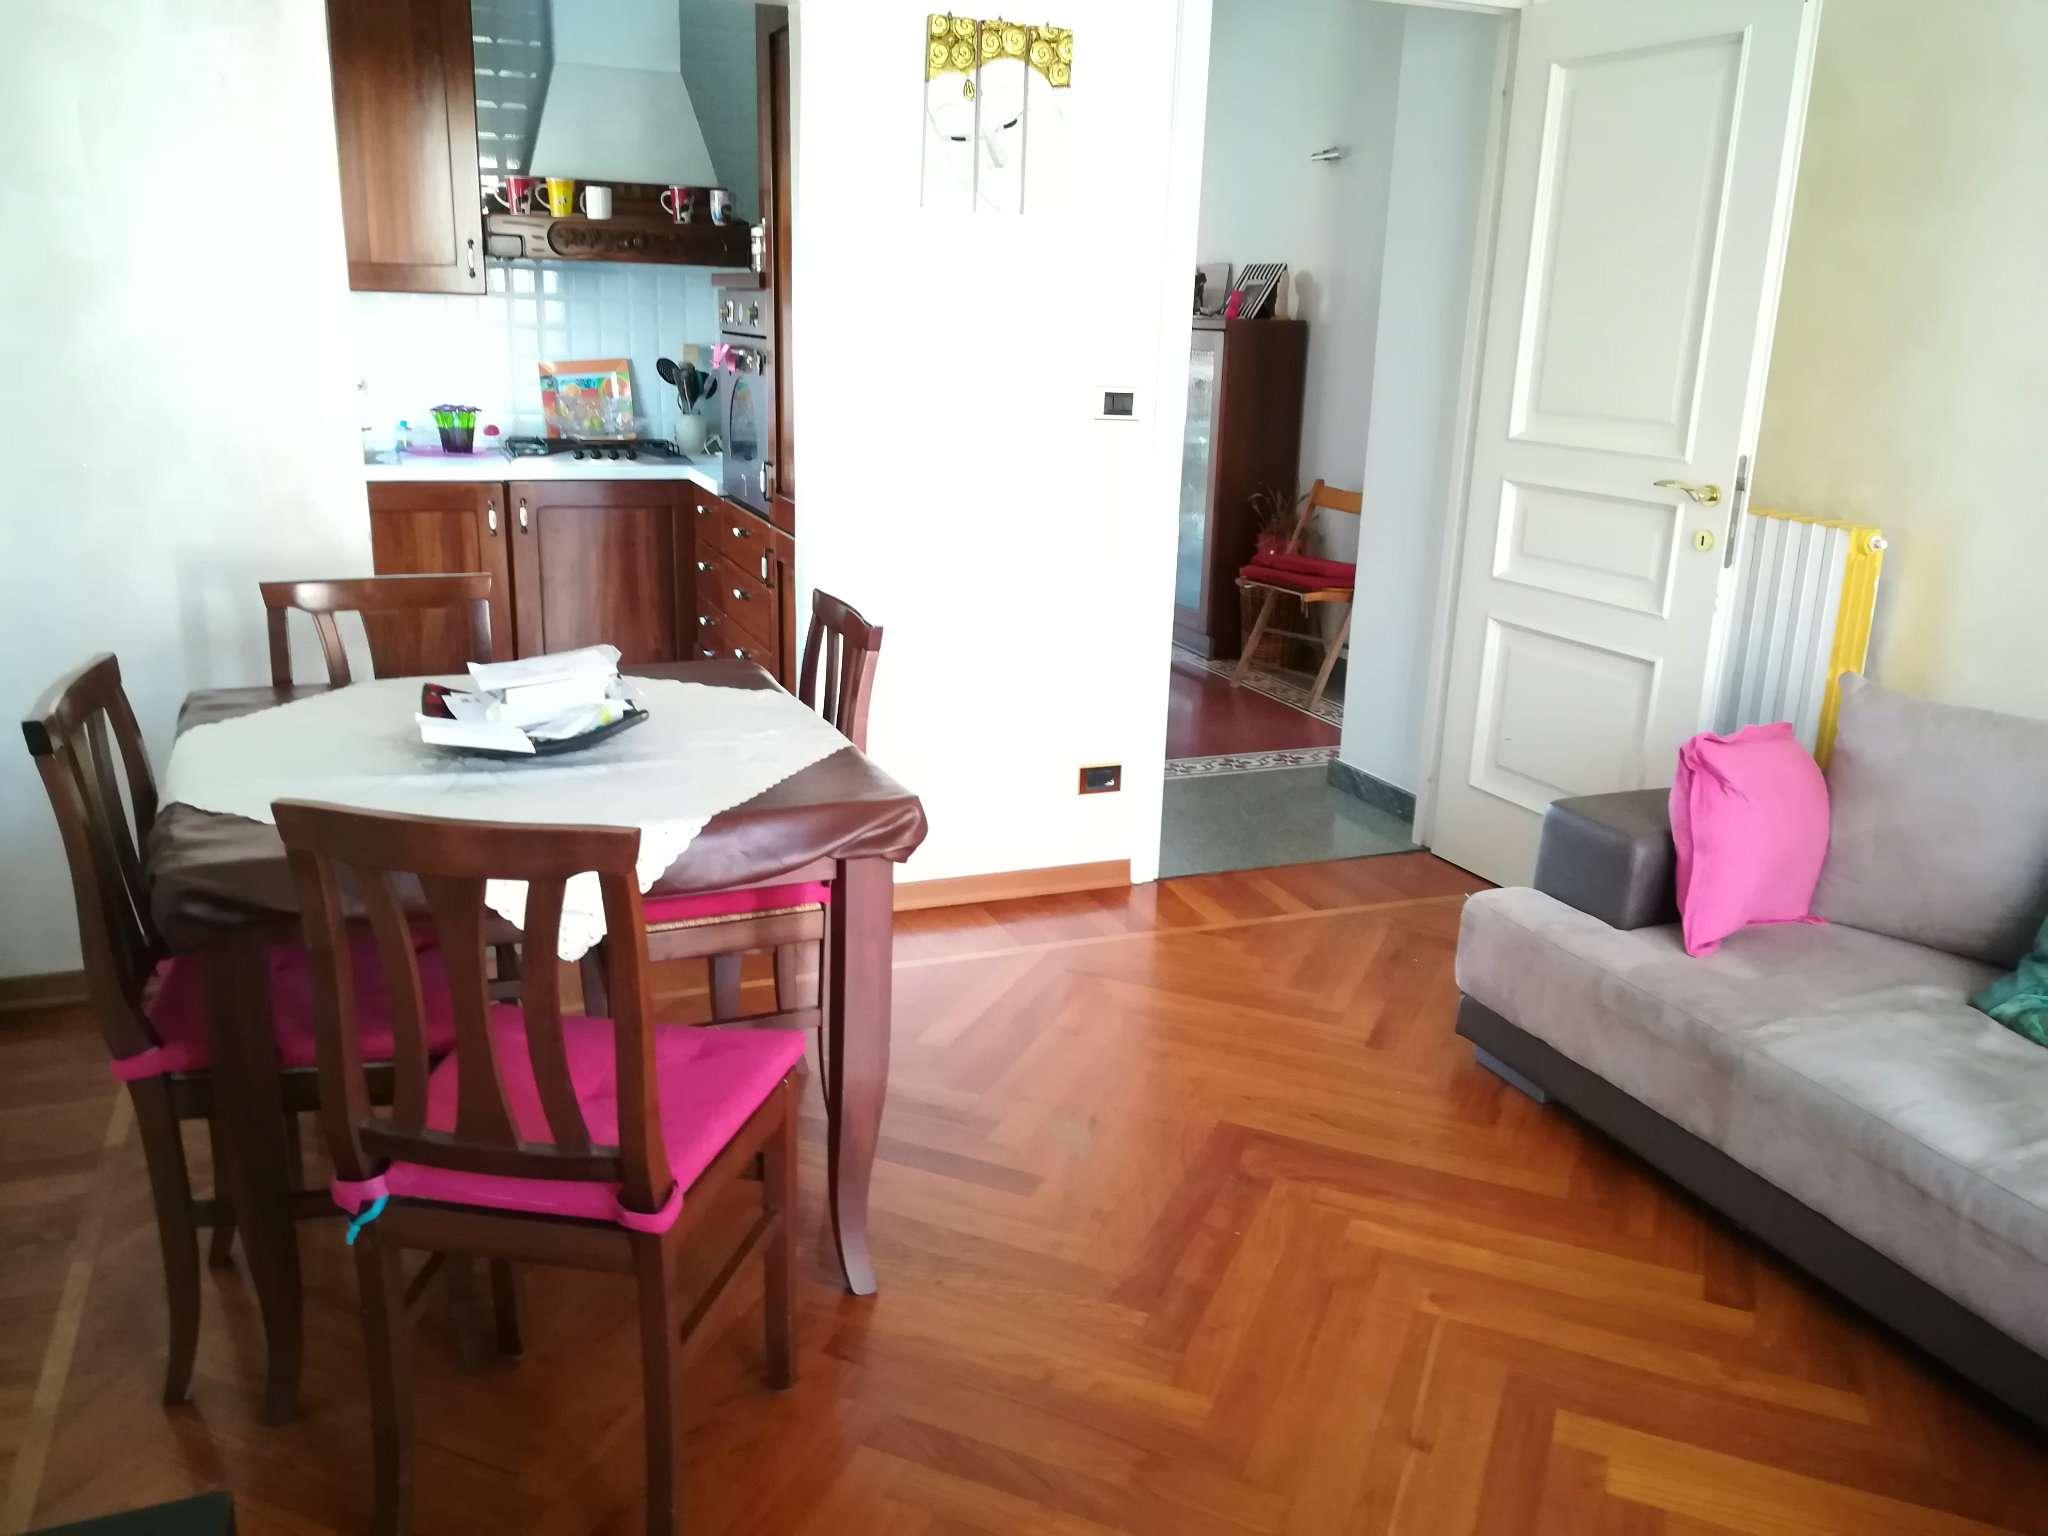 Villa Bifamiliare in vendita a Druento, 8 locali, prezzo € 390.000 | CambioCasa.it